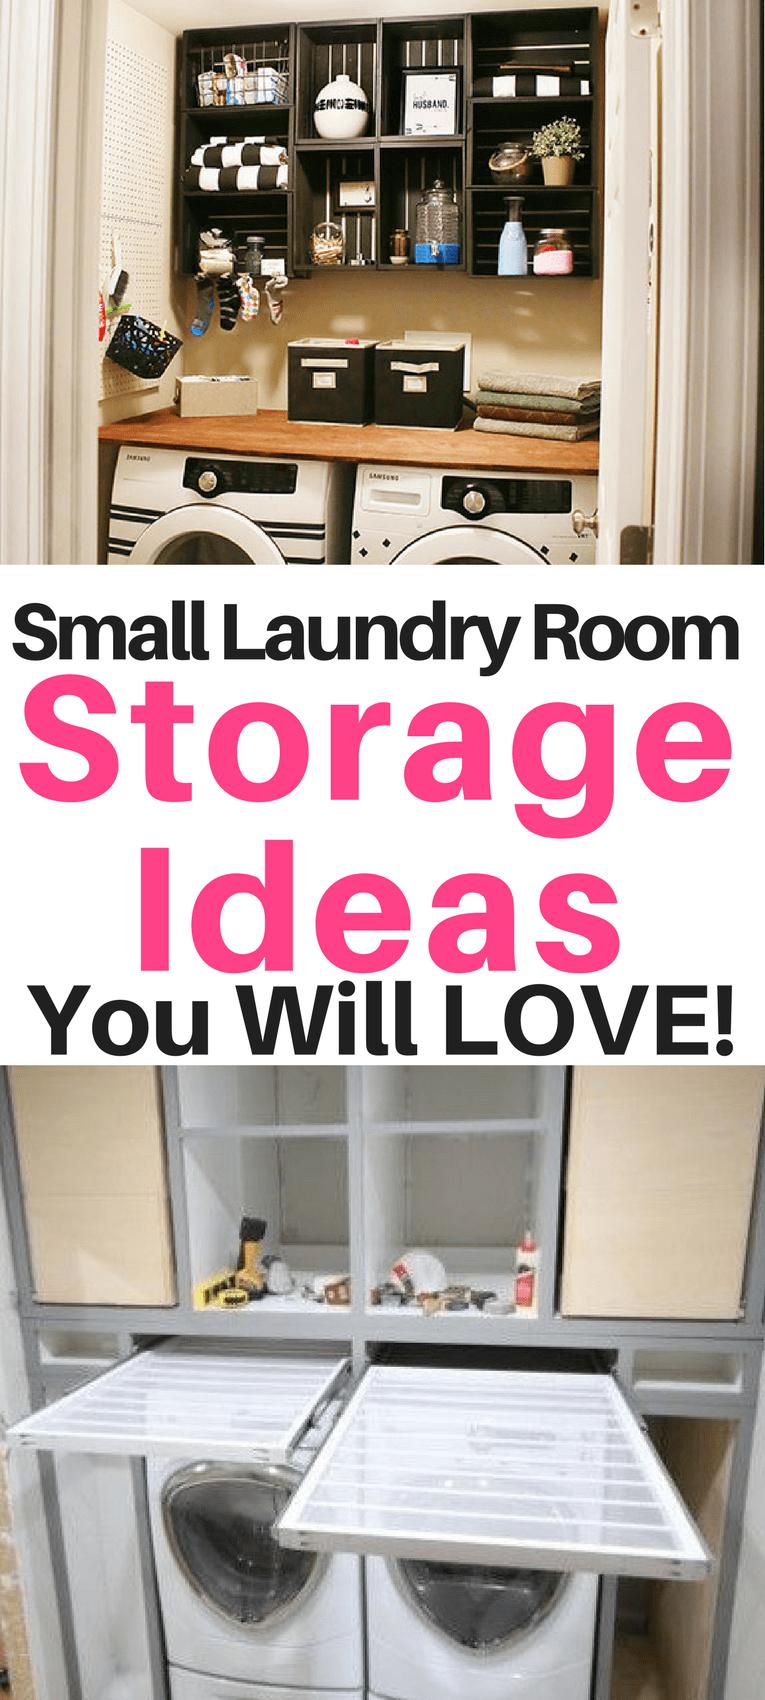 Small laundry room organization ideas sunny home creations Small laundry room organization ideas